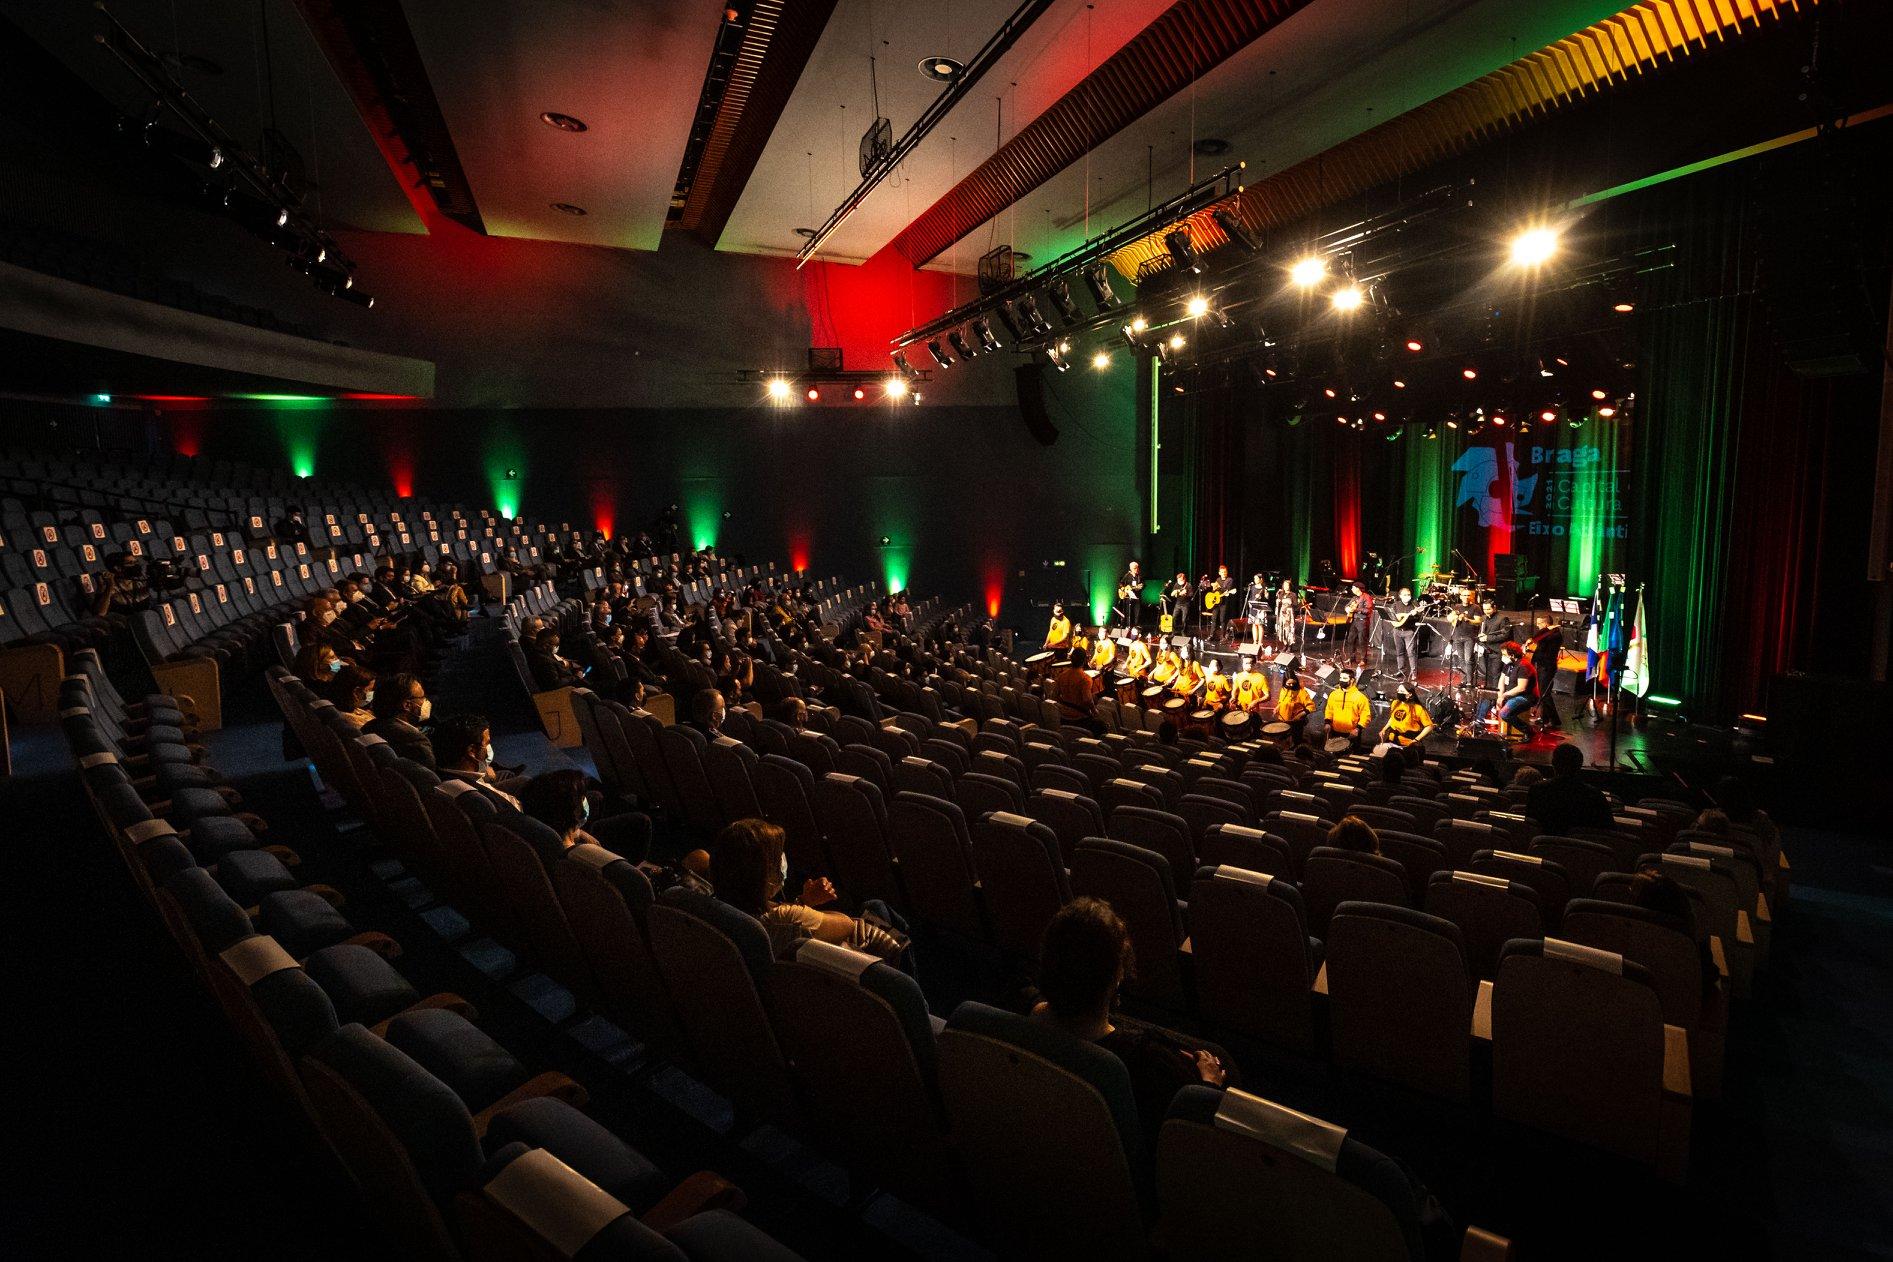 Concerto de abertura (foto: Município de Braga)